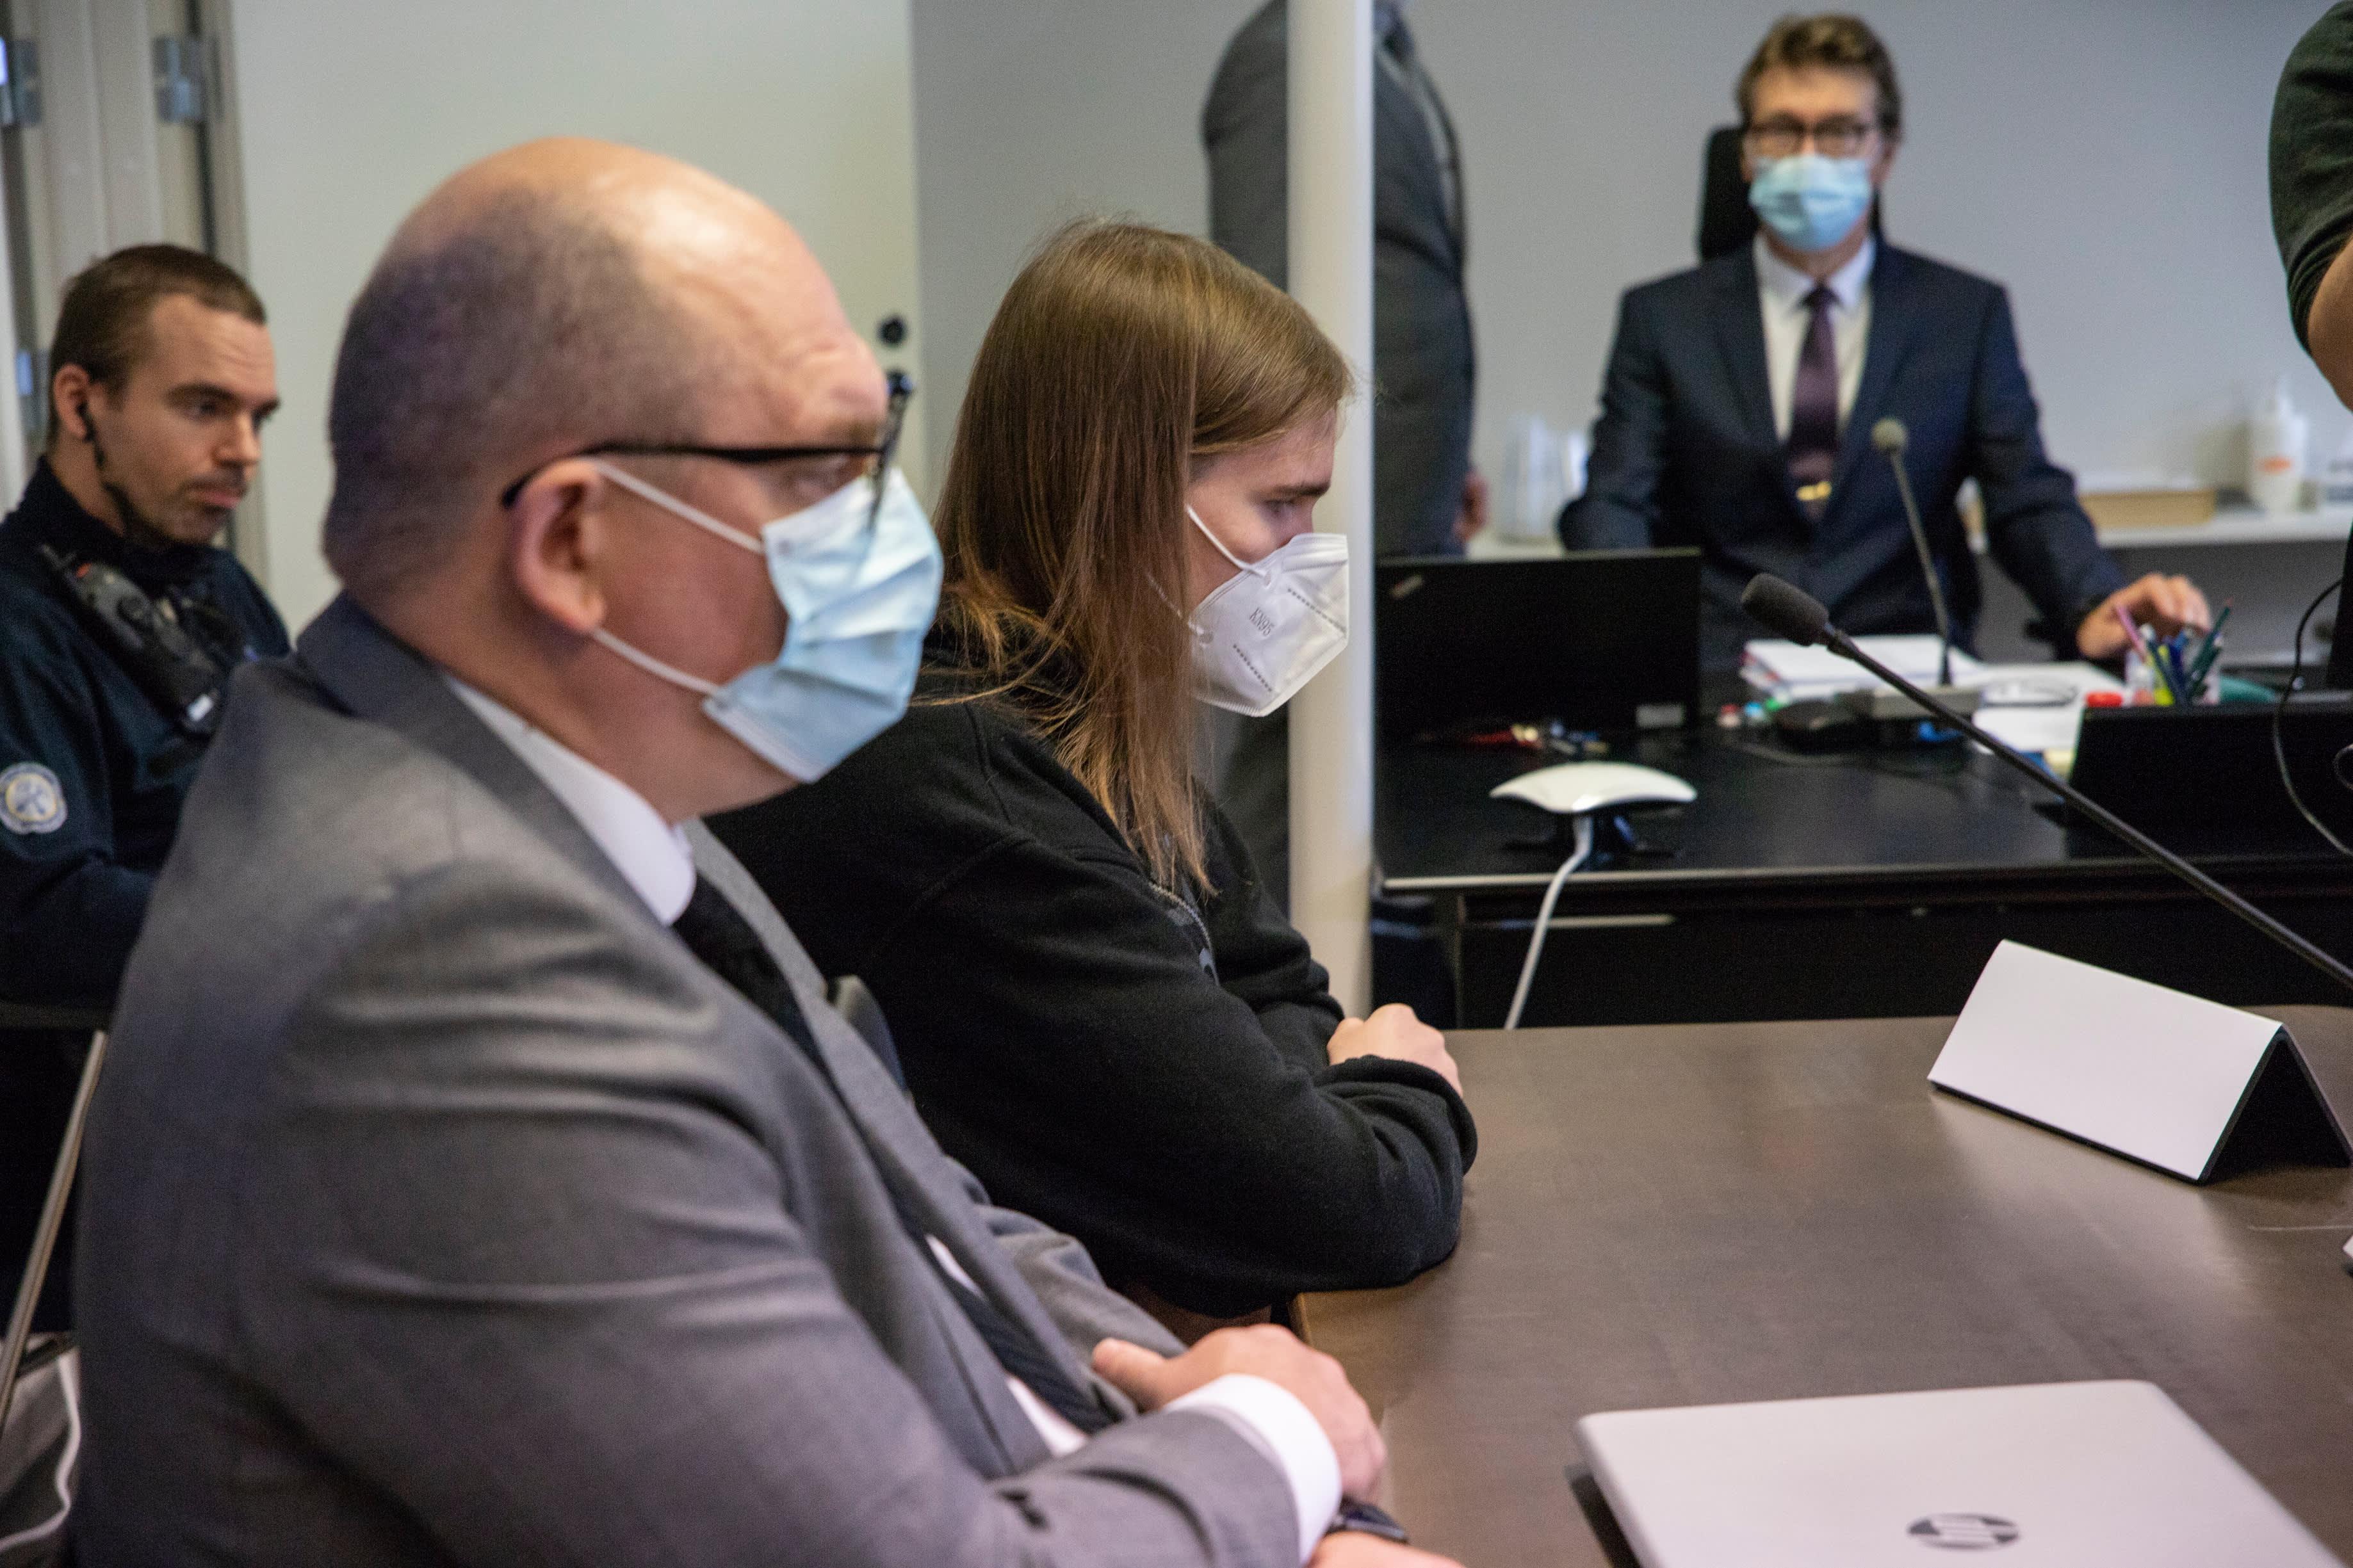 Kuopion koulusurma syytetty